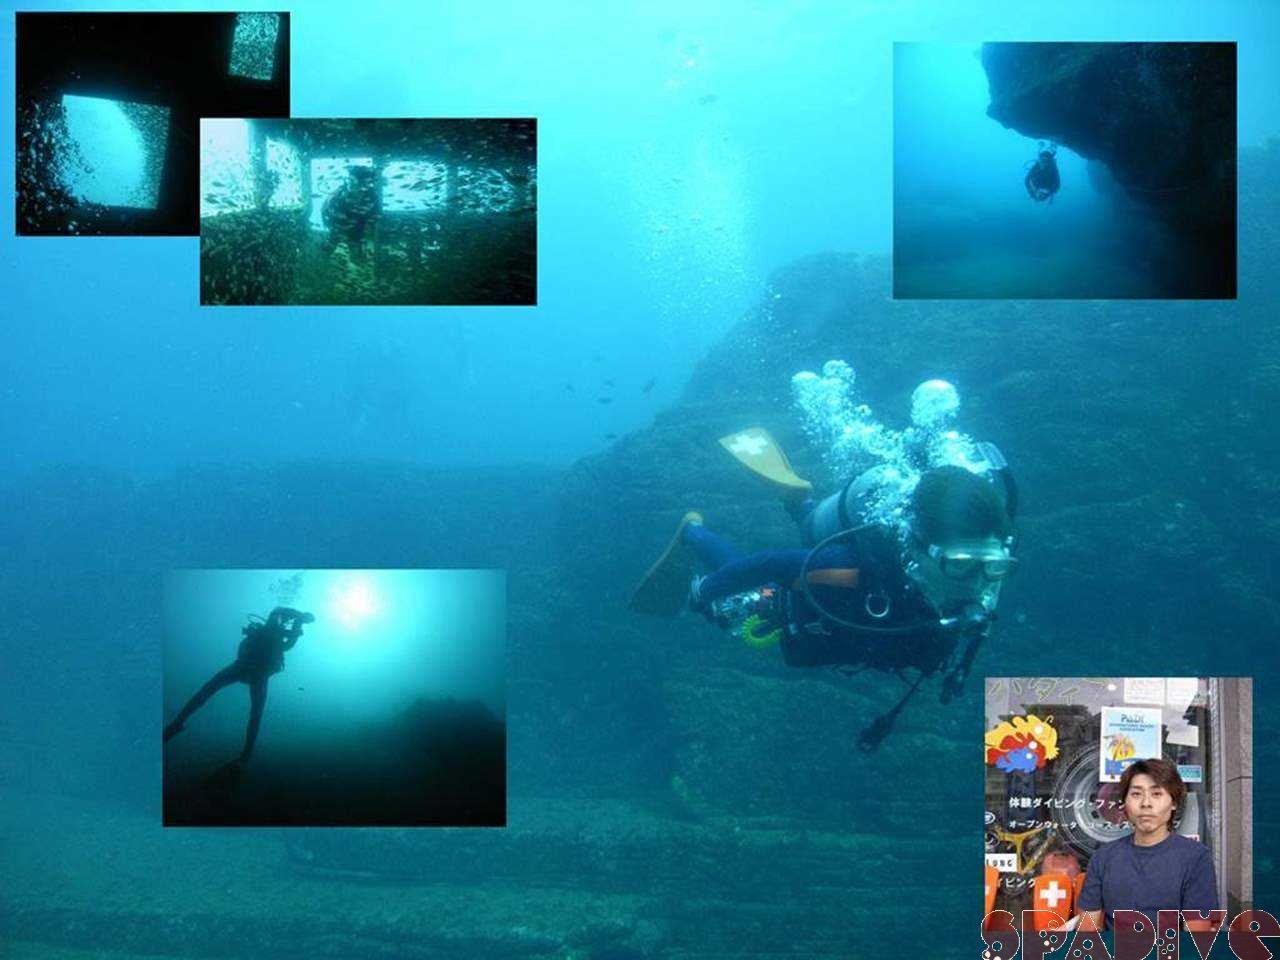 三段壁&沈船ボート SP講習ファンダイブ 10/22/2006白浜